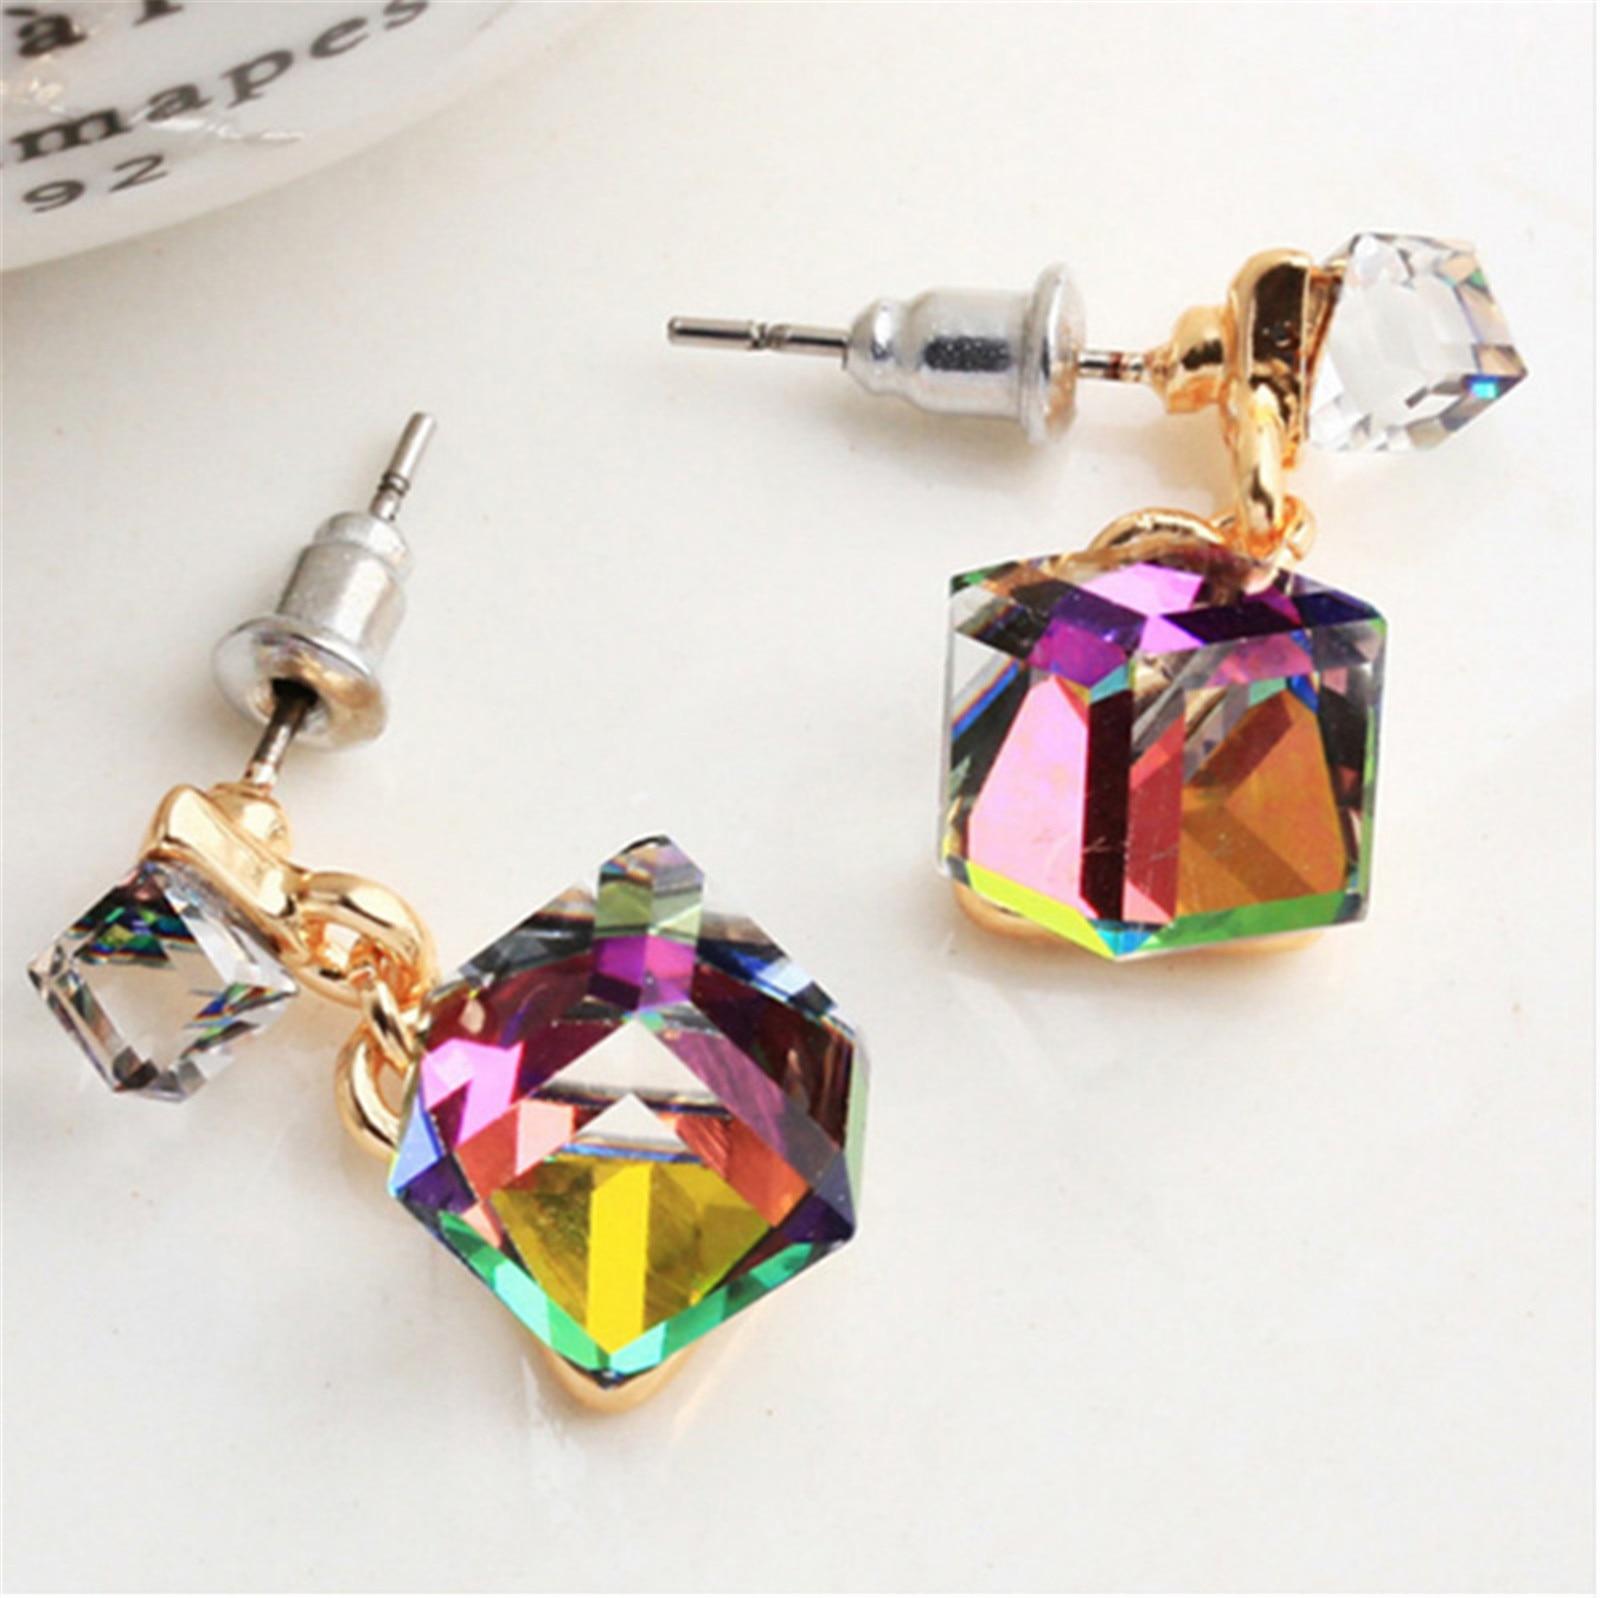 Корейские винтажные геометрические серьги-гвоздики для женщин и девочек, модные Прошитые квадратные серьги популярного цвета с кристаллам...